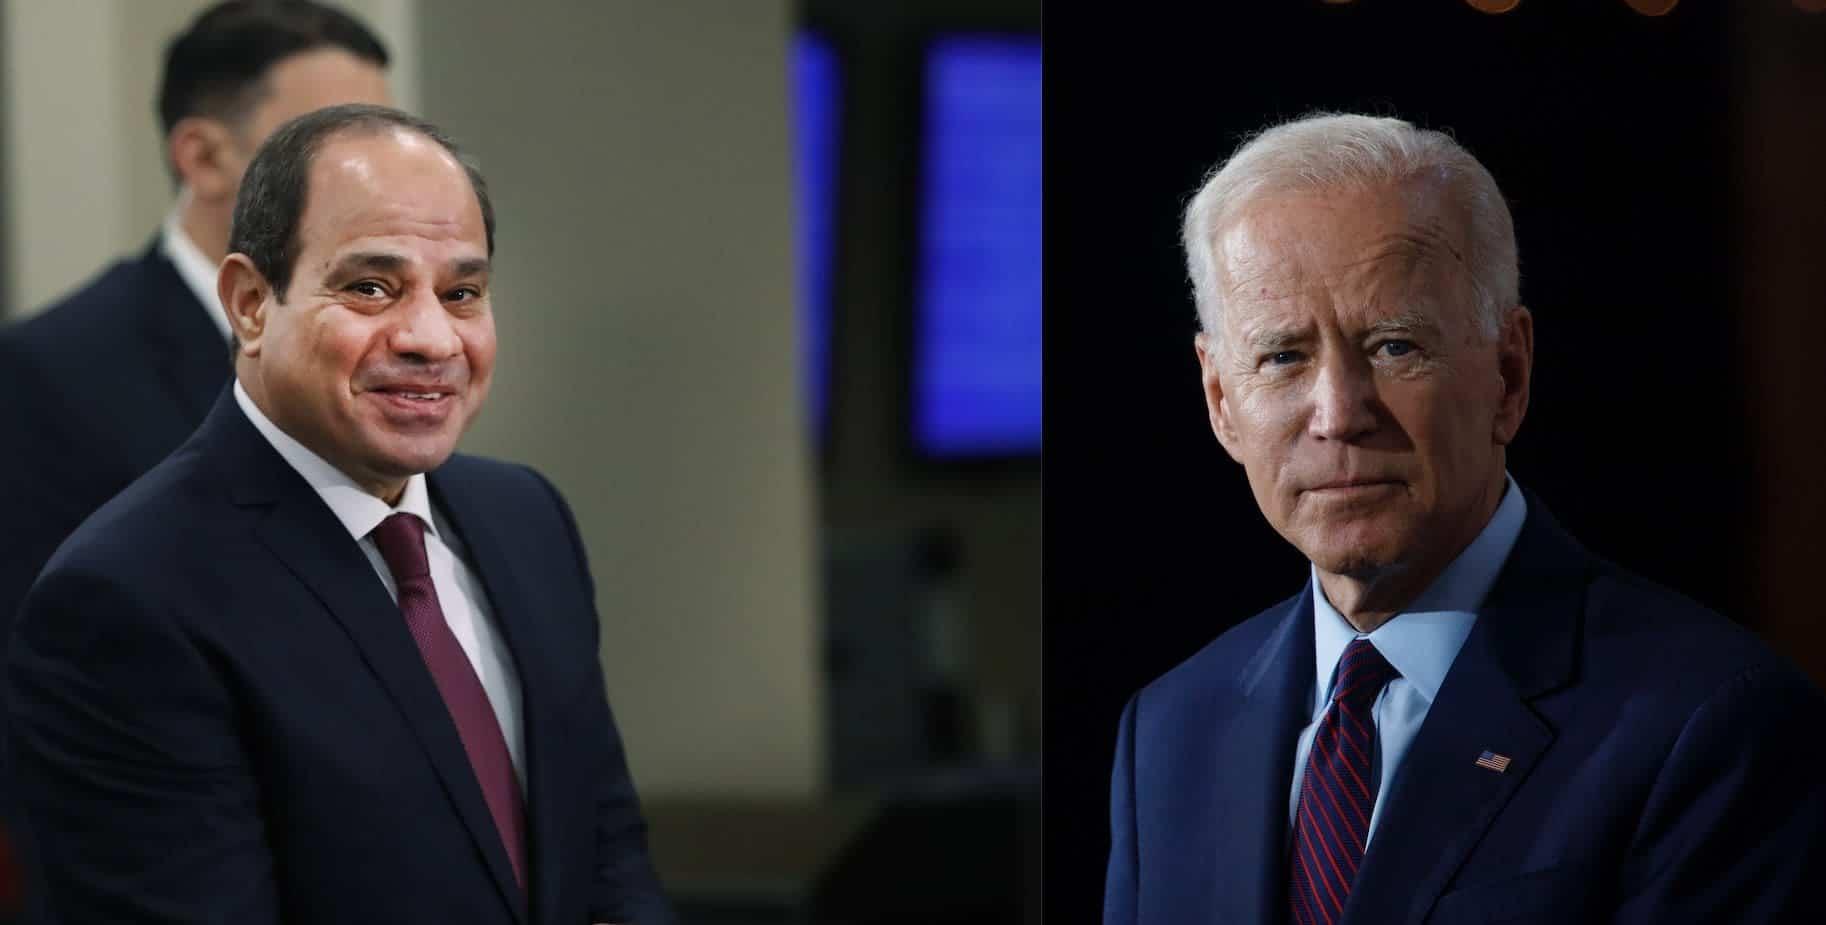 رئيس مصر عبدالفتاح السيسي والرئيس الأمريكي جو بايدن